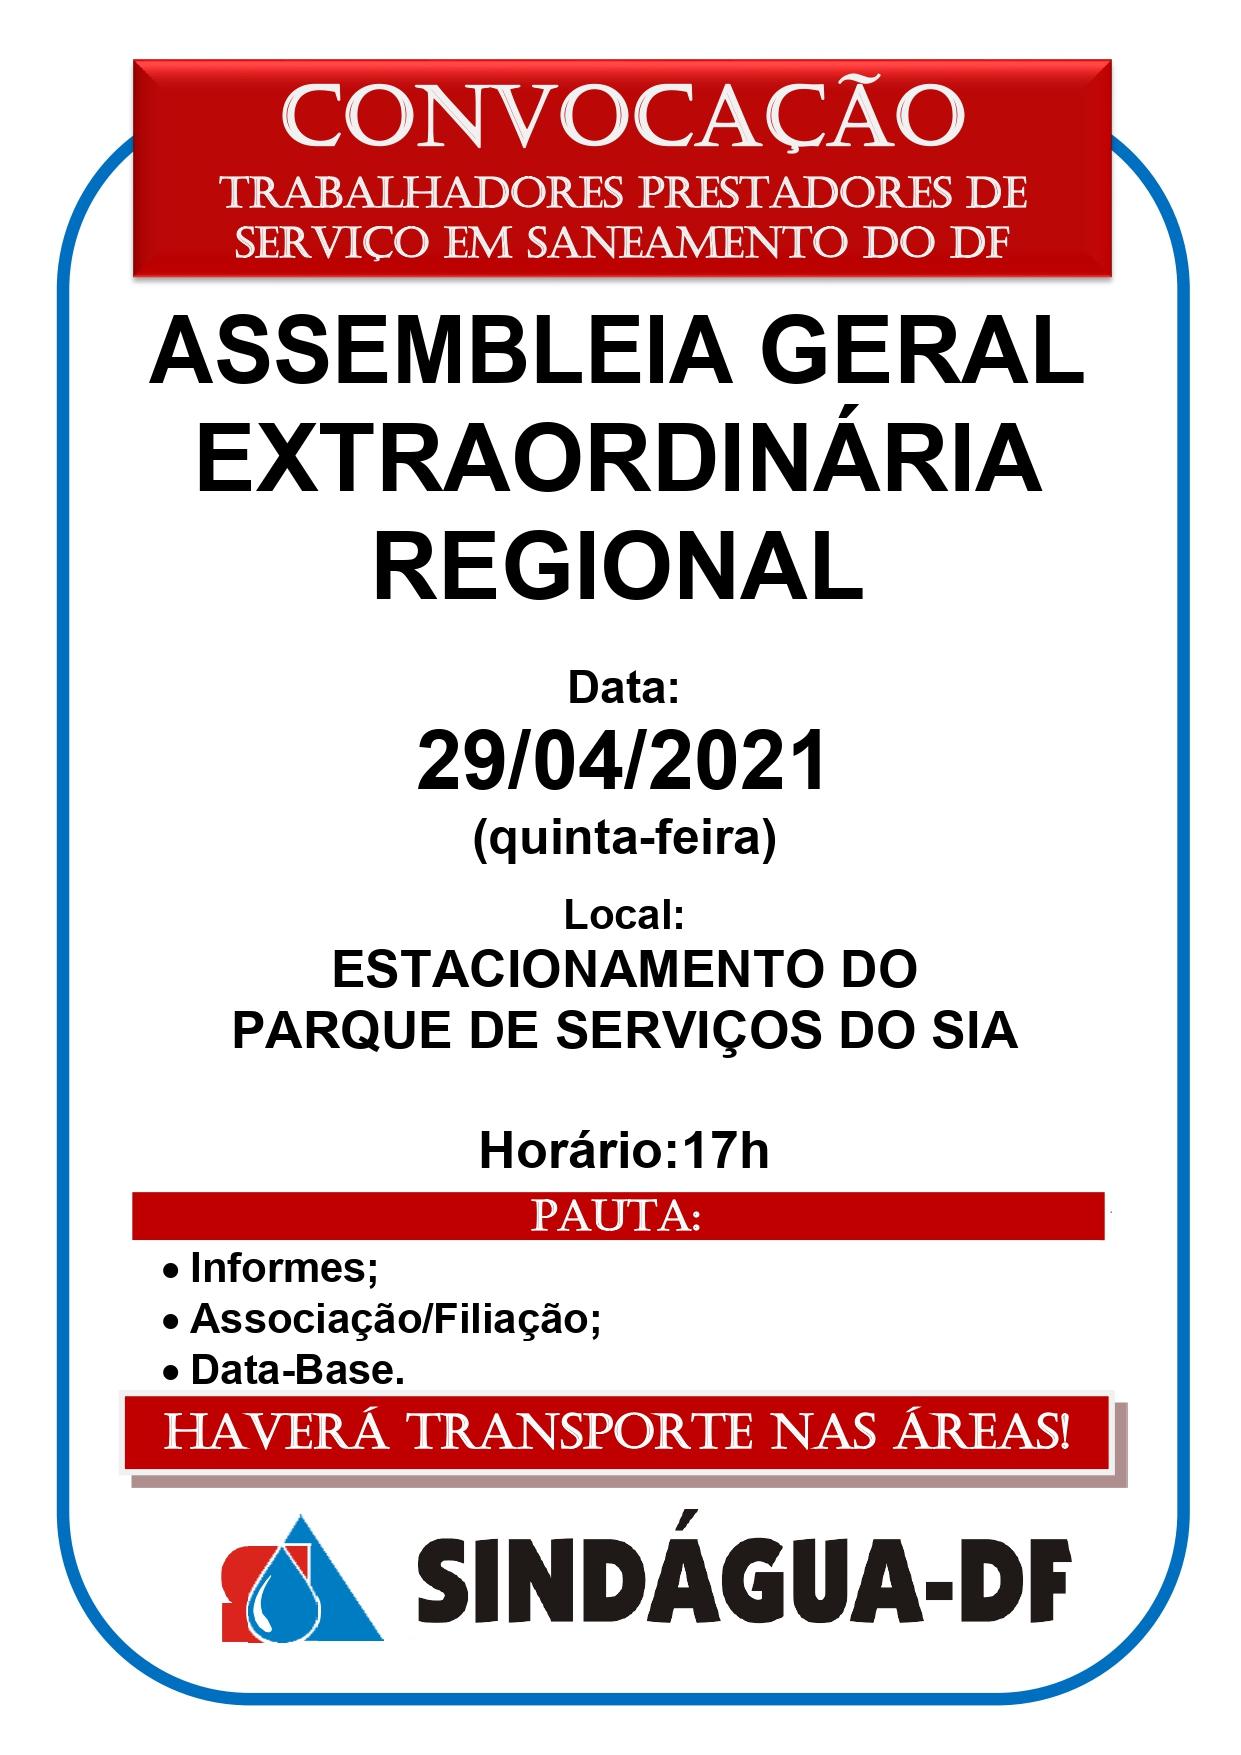 ASSEMBLEIA GERAL EXTRAORDINÁRIA REGIONAL DIA 29/4 (REGIÃO CENTRAL)